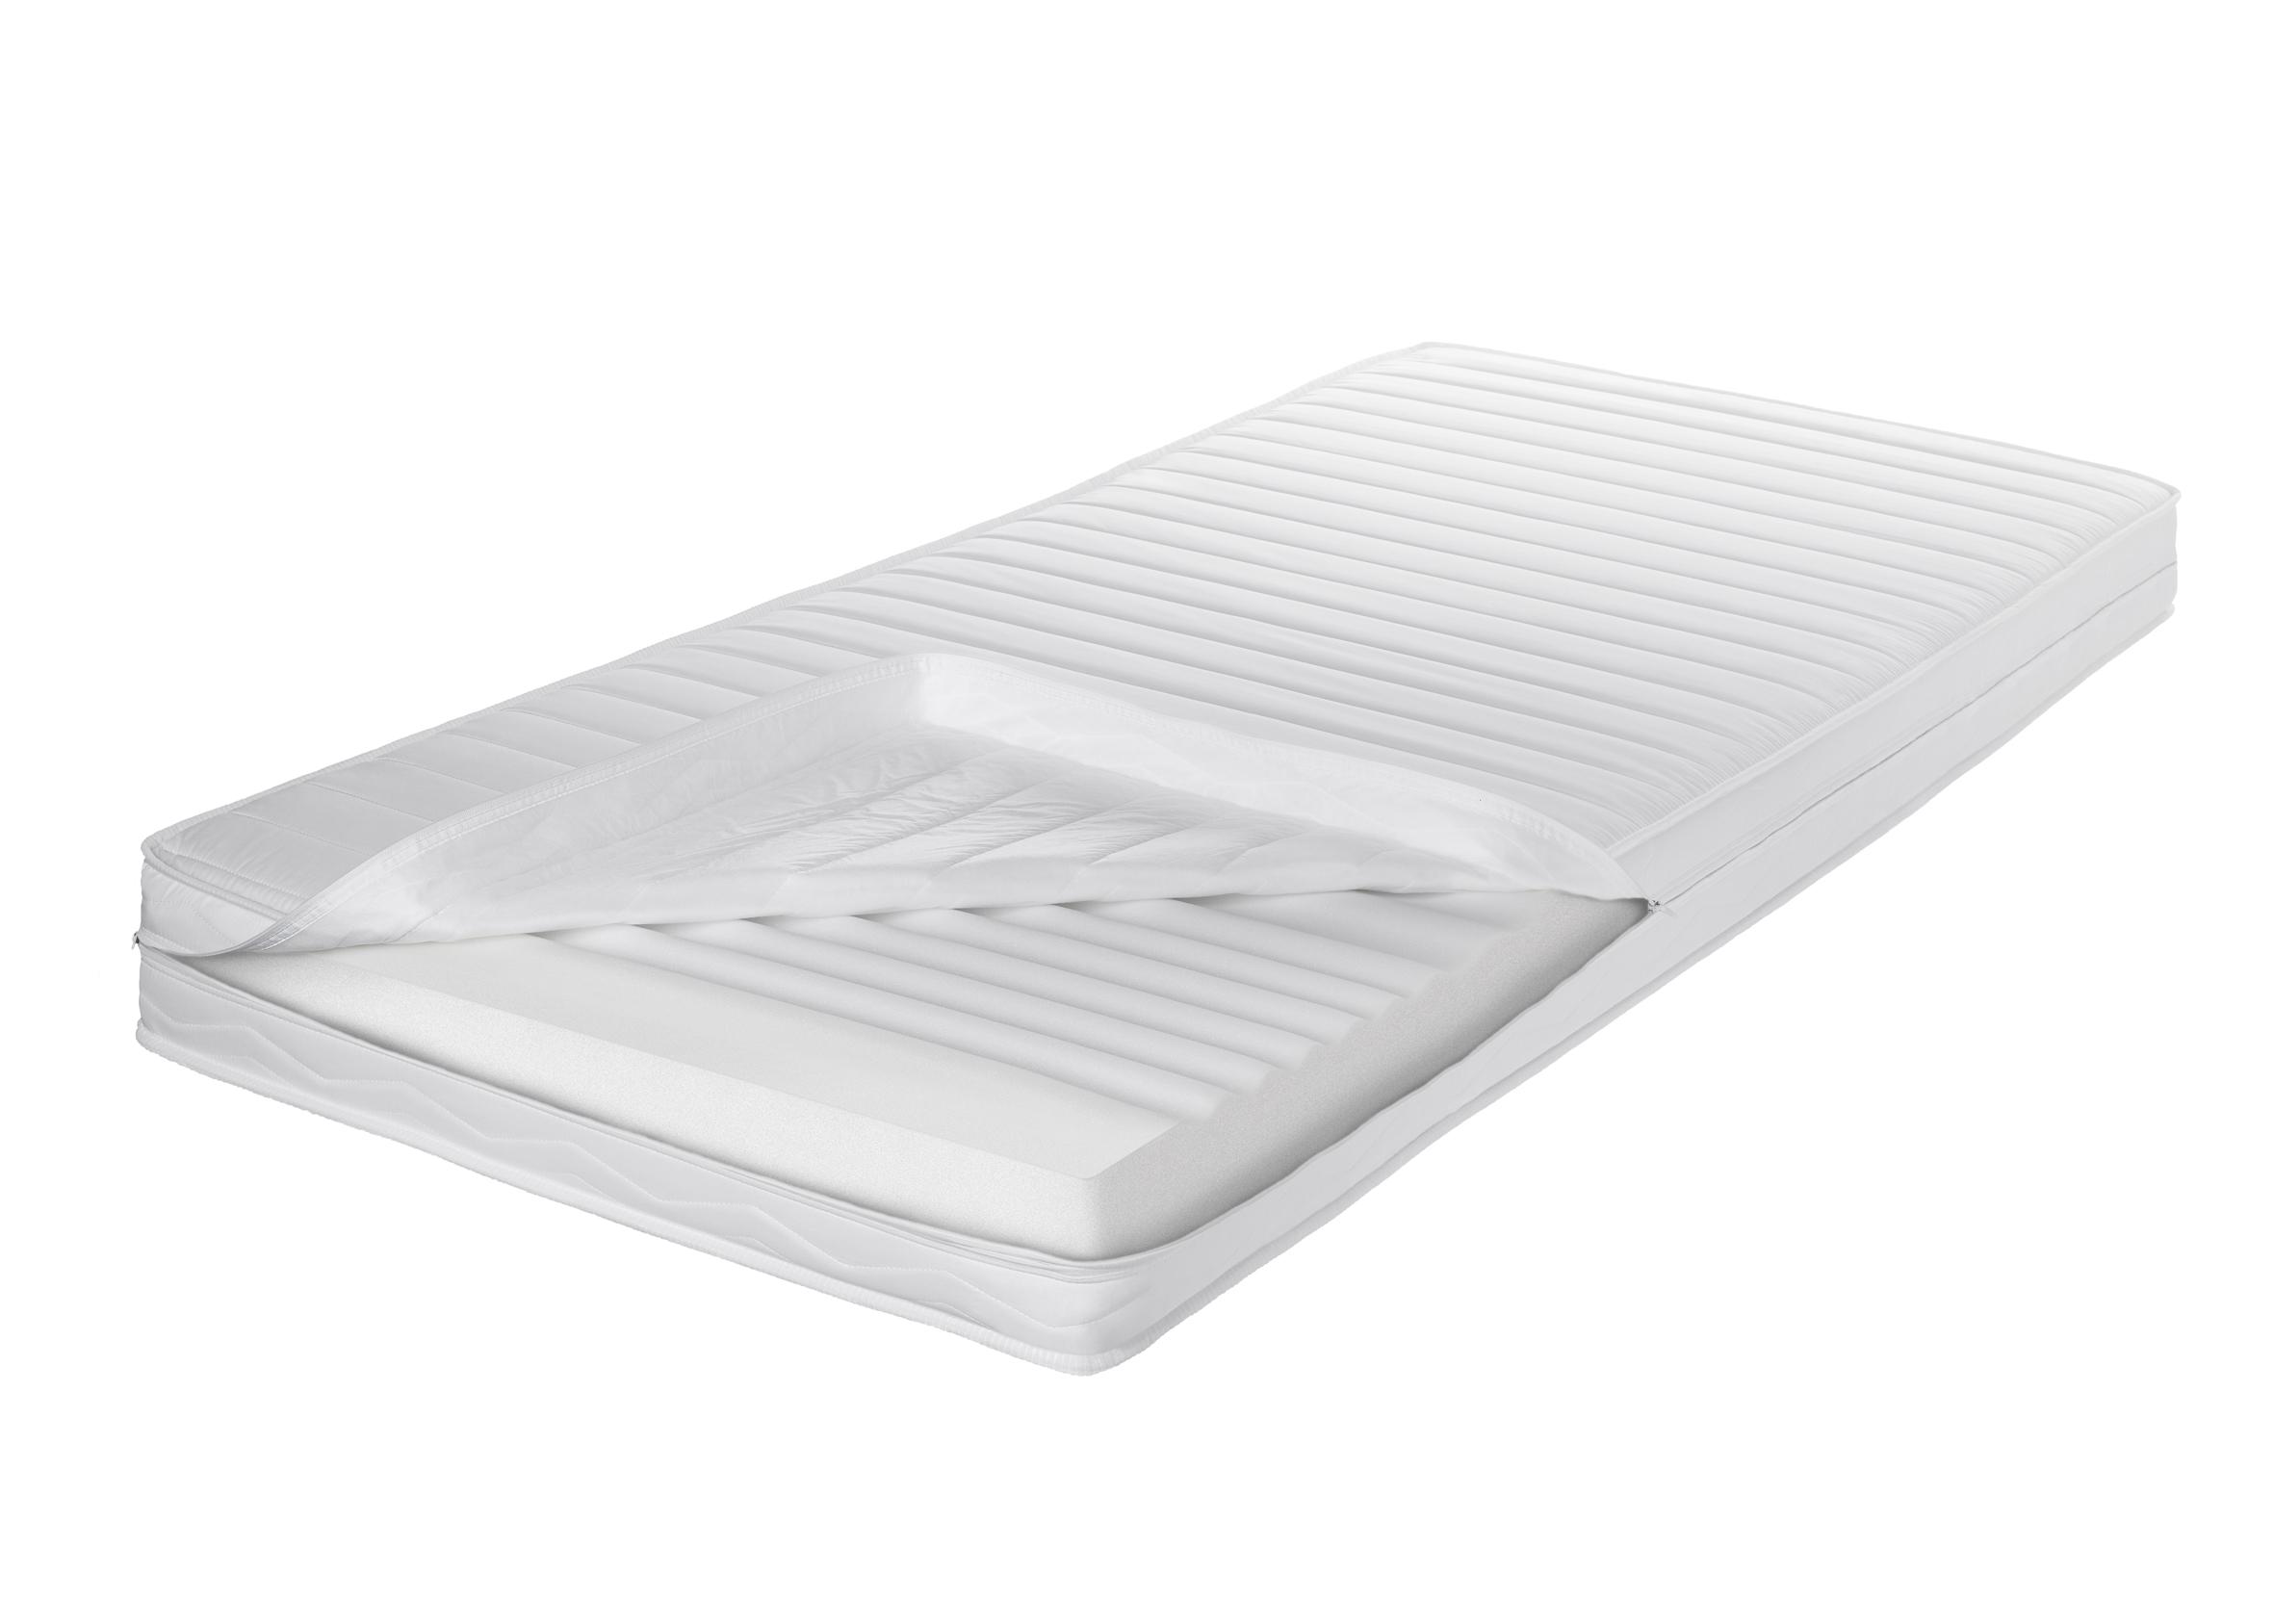 7 zonen komfort marken kaltschaum aquaflex matratzen 7 zonen w hlbar ebay. Black Bedroom Furniture Sets. Home Design Ideas